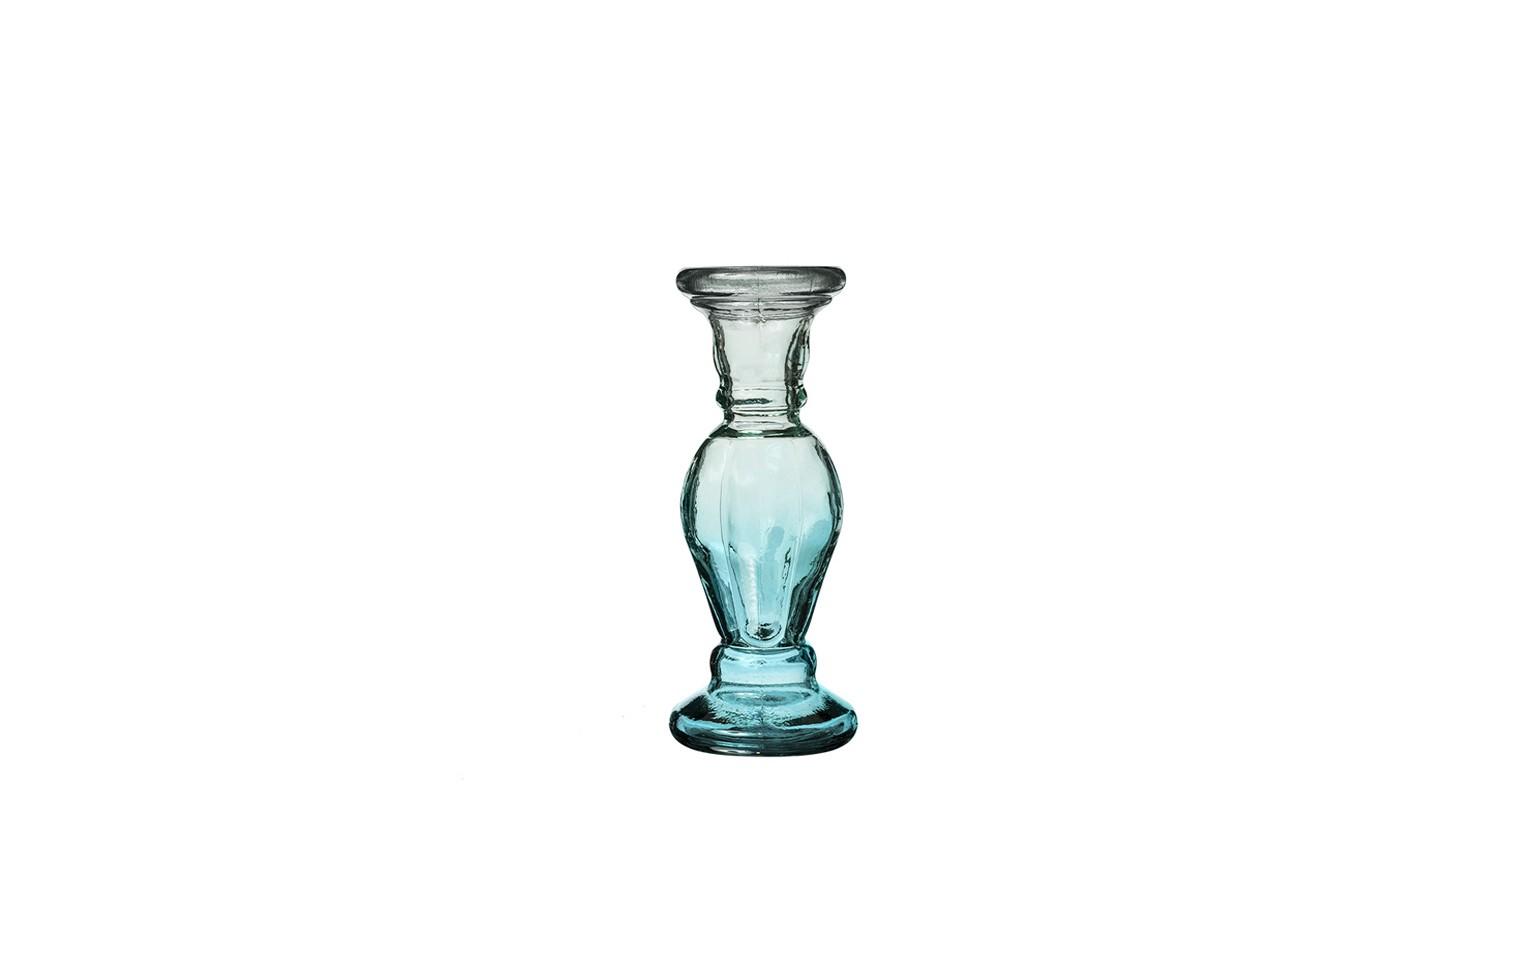 ПодсвечникПодсвечники<br>San Miguel (Испания) – это мощнейшая компания, которая занимается производством очень качественной и оригинальной продукции из переработанного стекла. Vidrios San Miguel известный бренд во всем мире. В наши дни, Vidrios San Miguel имеет более чем 25 000 торговых точек.  Vidrios San Miguel занимается производством стеклянных изделий: посуда, бутылки, вазы, сувениры, украшения и многое другое.<br><br>Material: Стекло<br>Height см: 30<br>Diameter см: 11